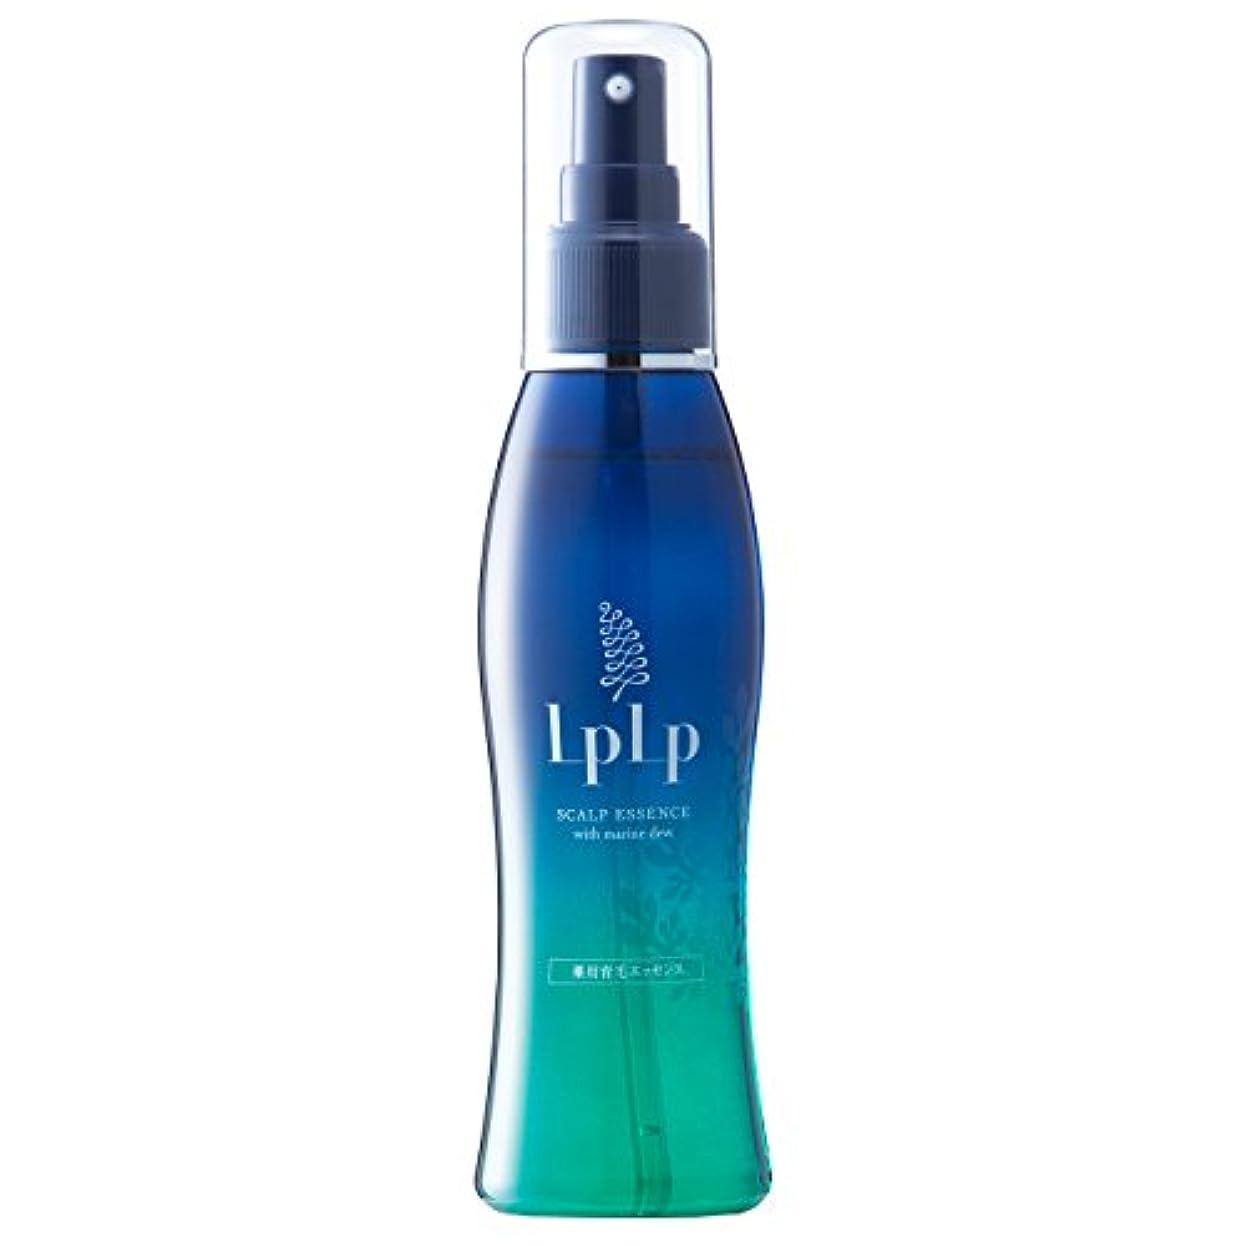 現象評価する取り扱いLPLP(ルプルプ) 薬用育毛エッセンス 150ml (医薬部外品)